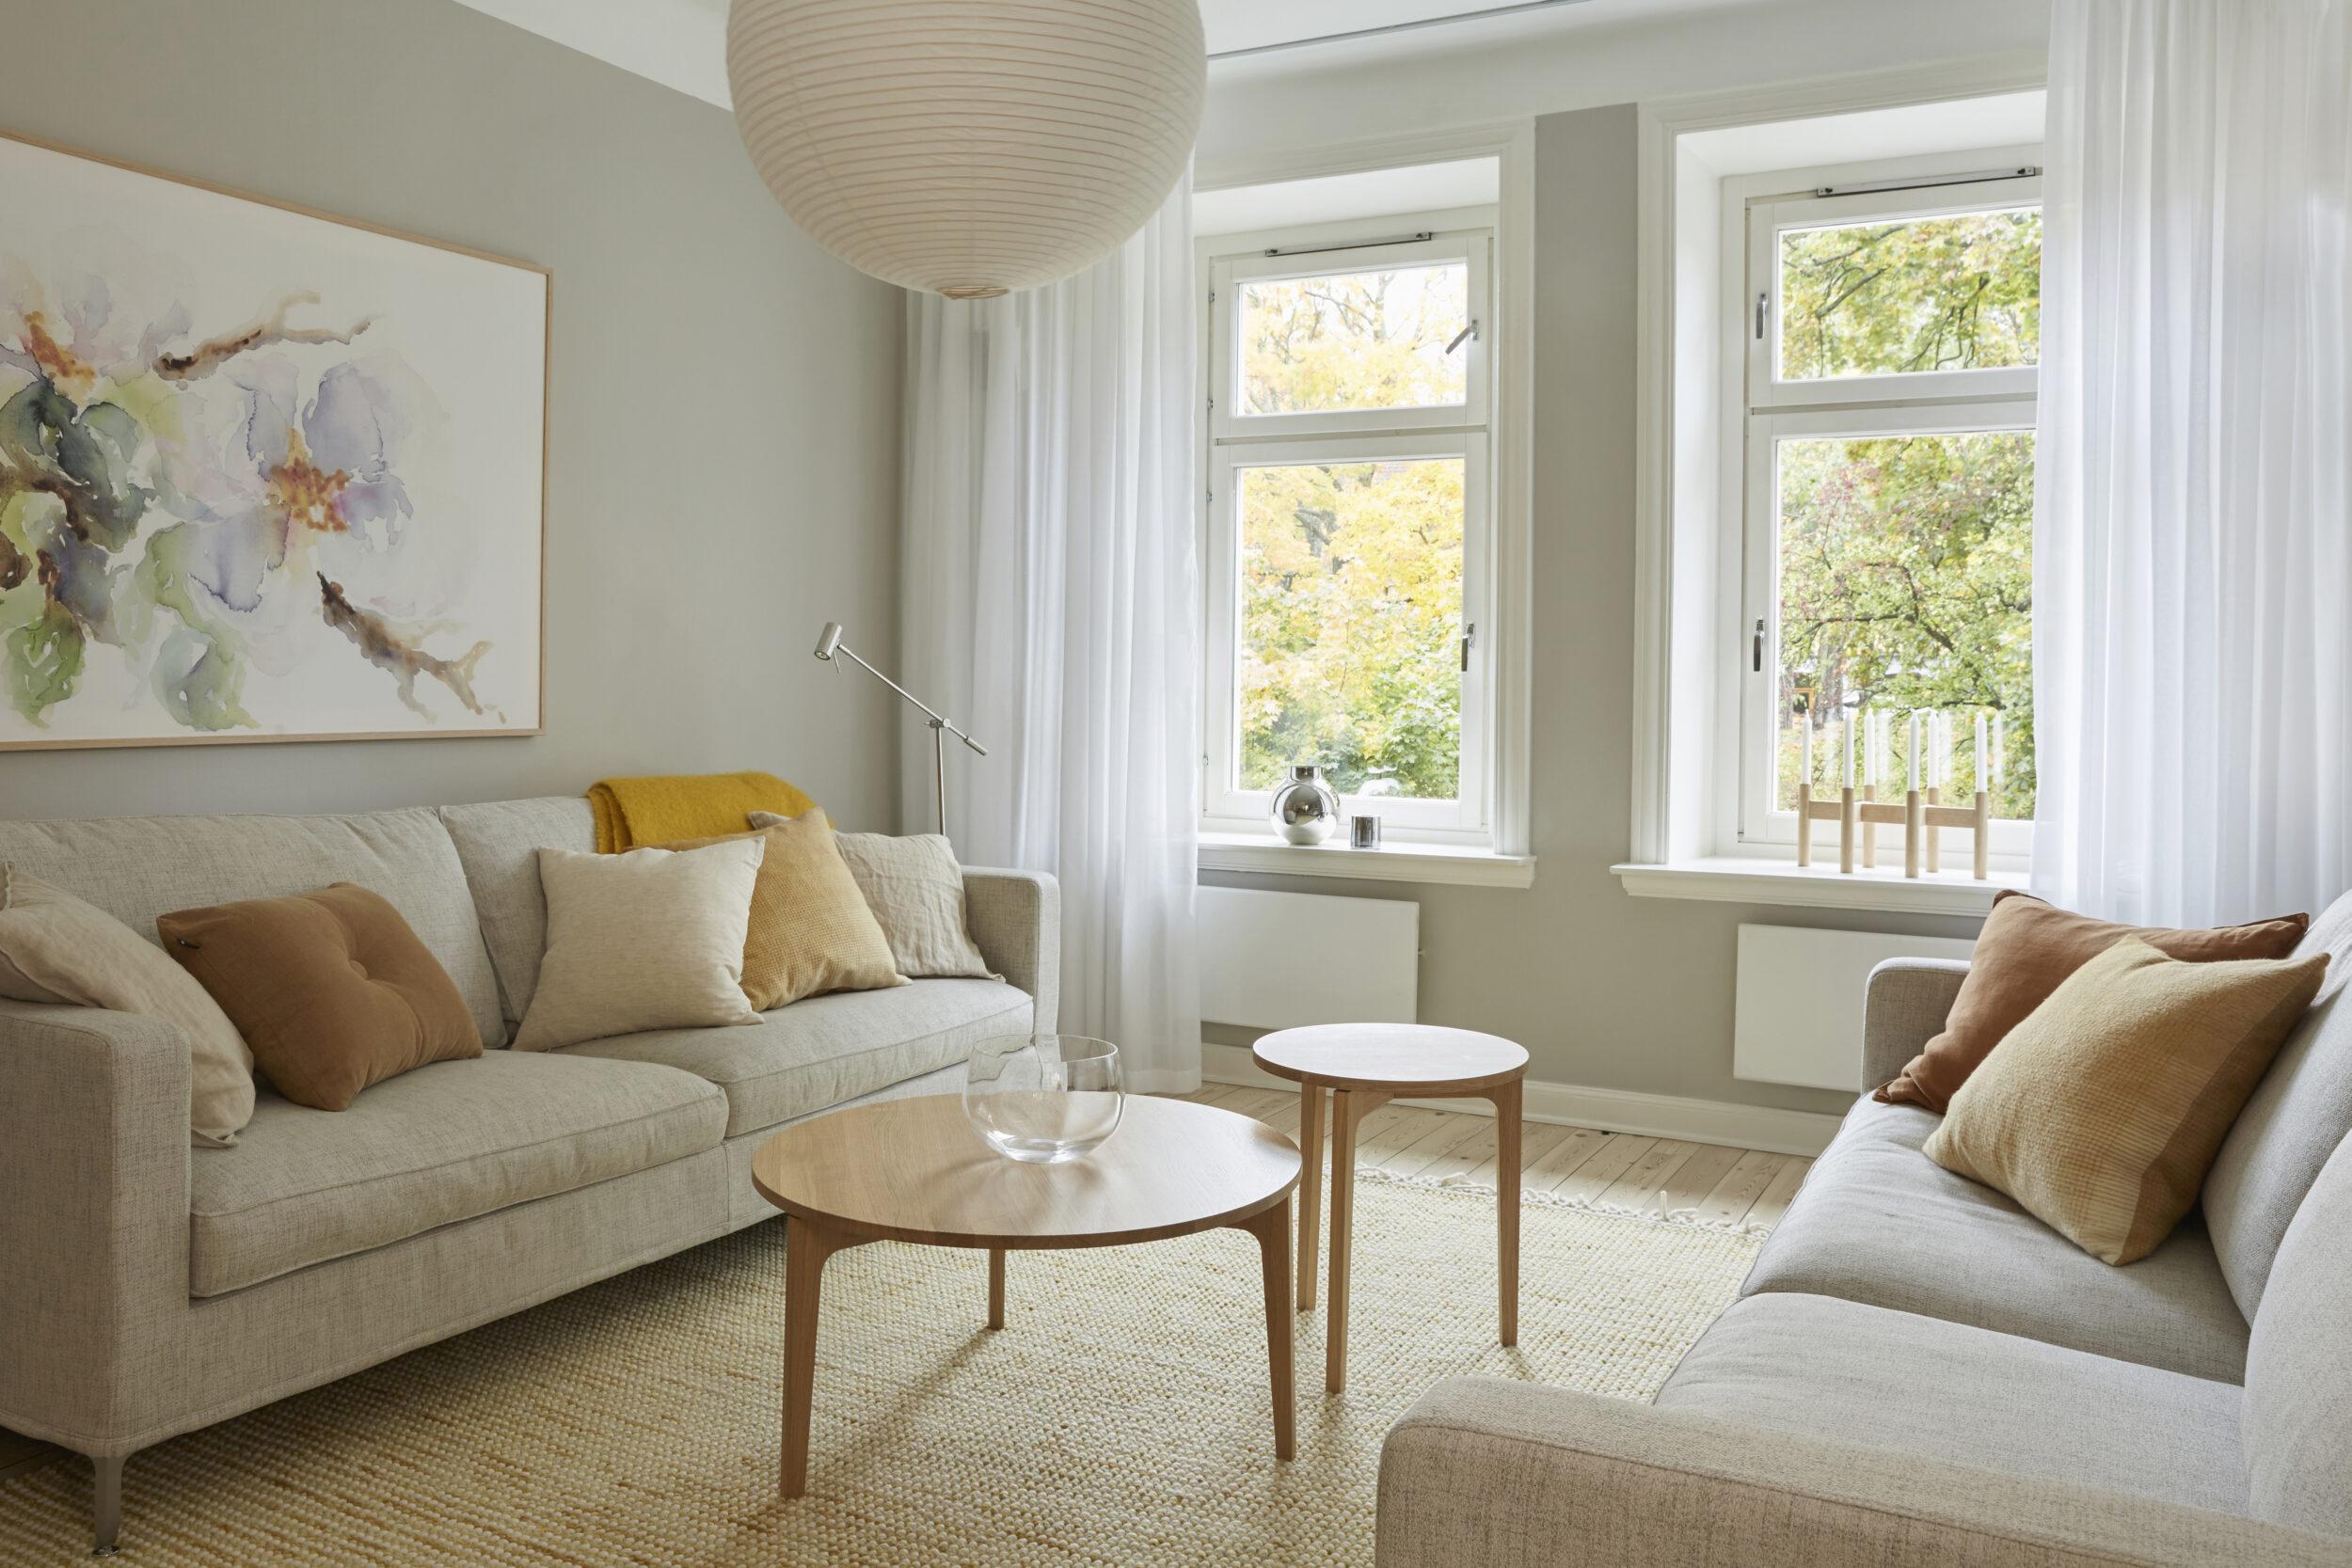 Vardagsrum med gardiner och gul matta, två soffor mittemot varandra